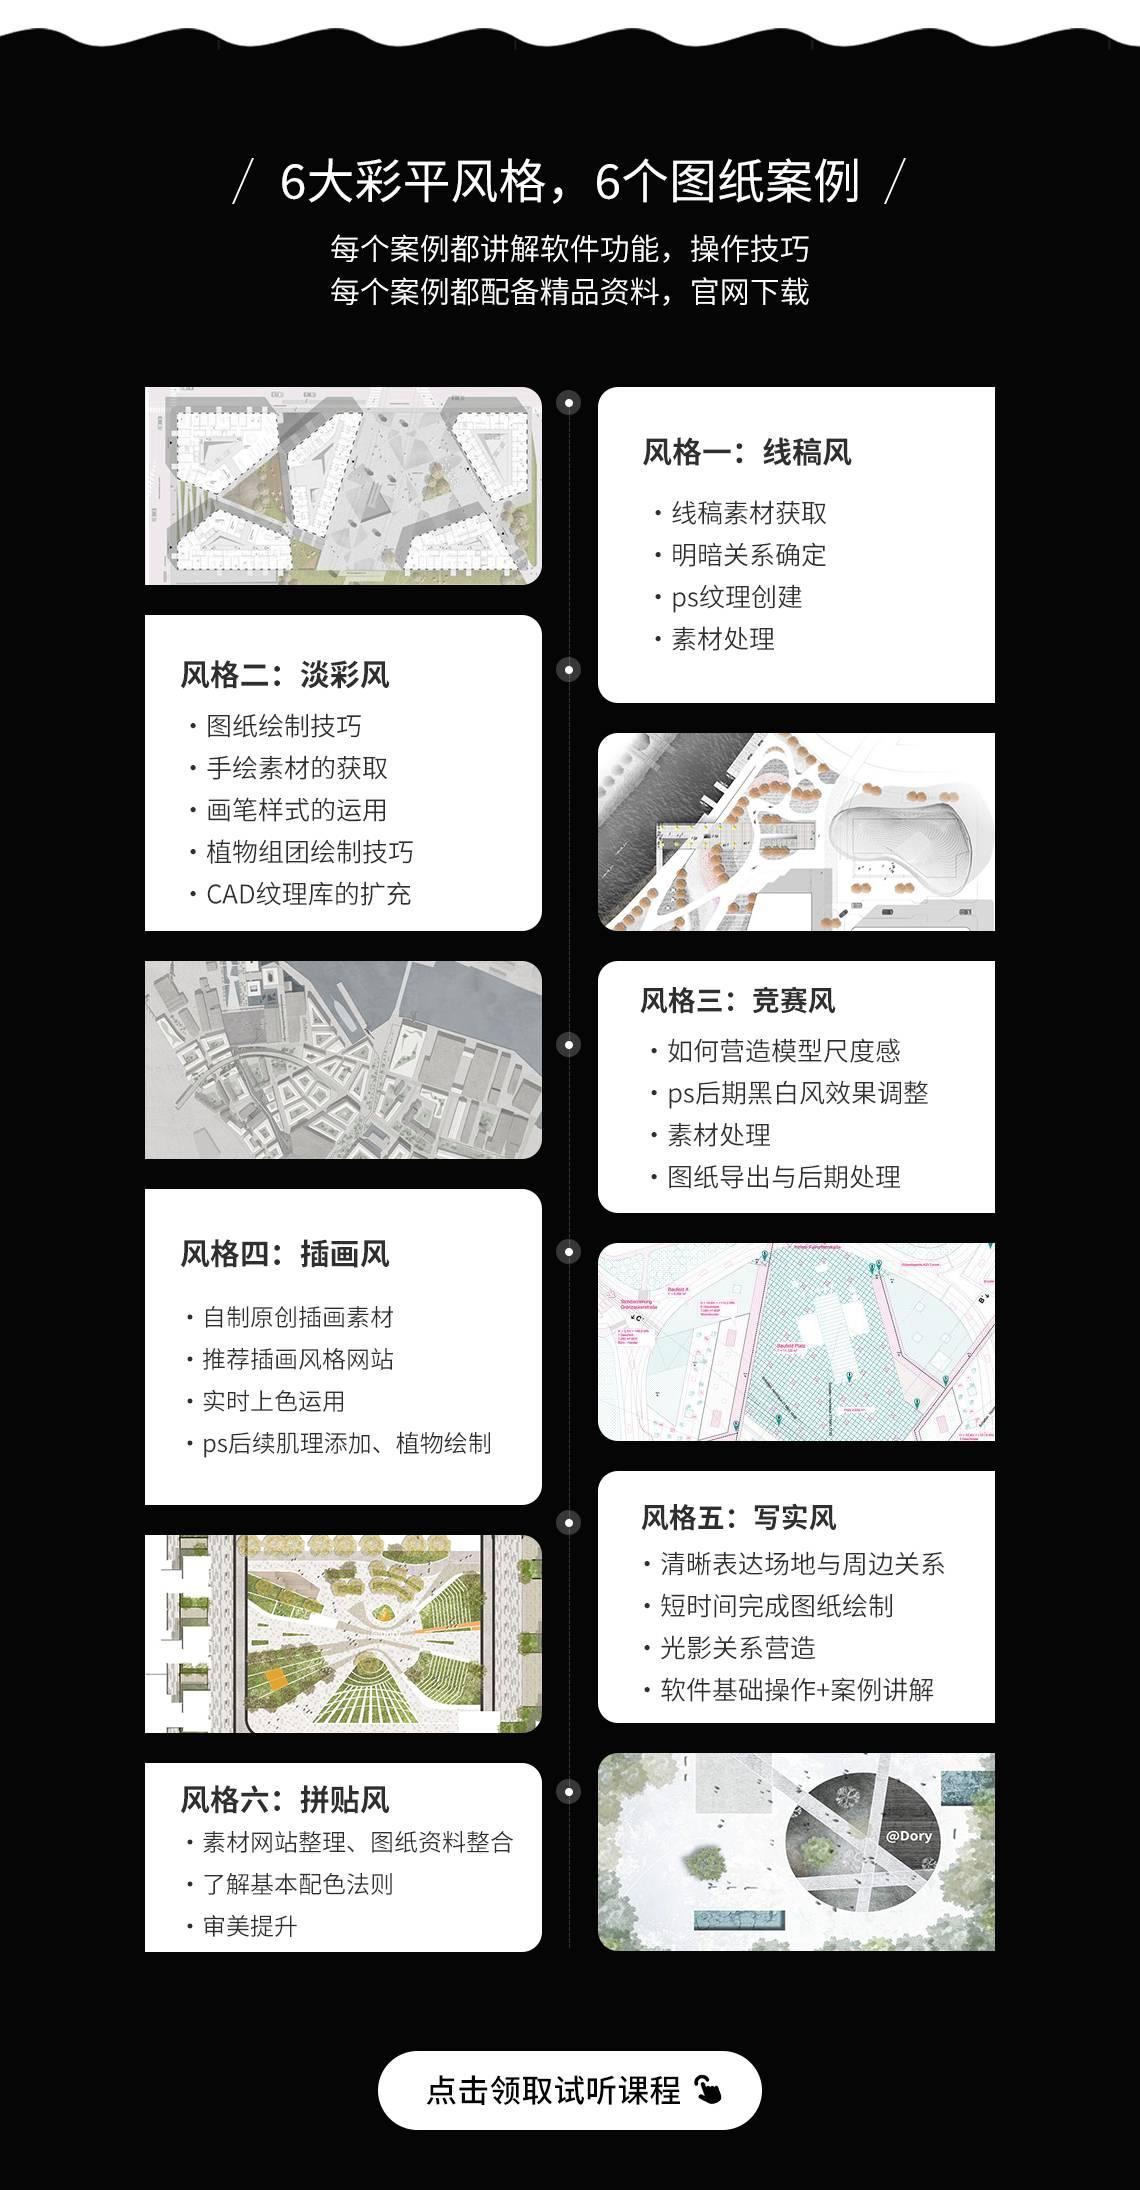 6种项目实操案例,由易到难,逐步进阶。景观平面图,景观平面图表现,ps景观平面图的具体作图逻辑就变得格外重要。